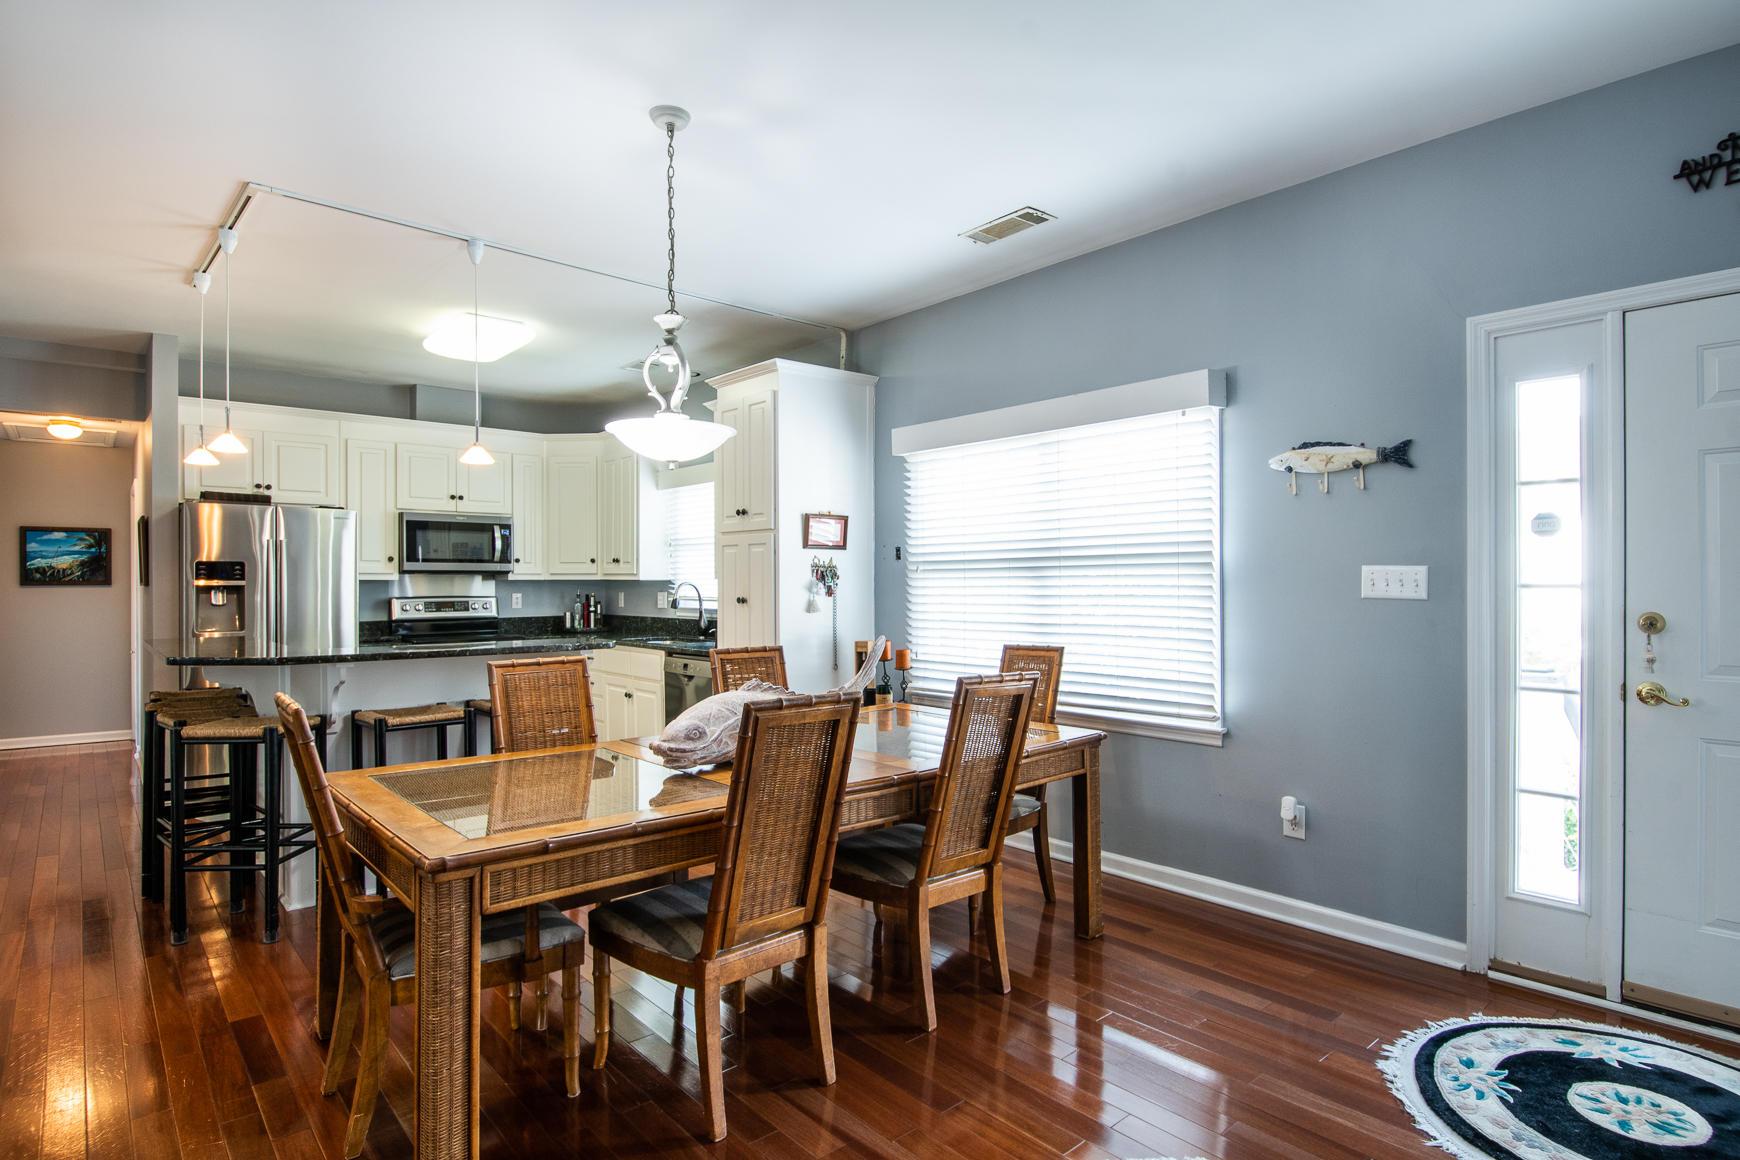 Copahee View Homes For Sale - 1464 Lieben, Mount Pleasant, SC - 15